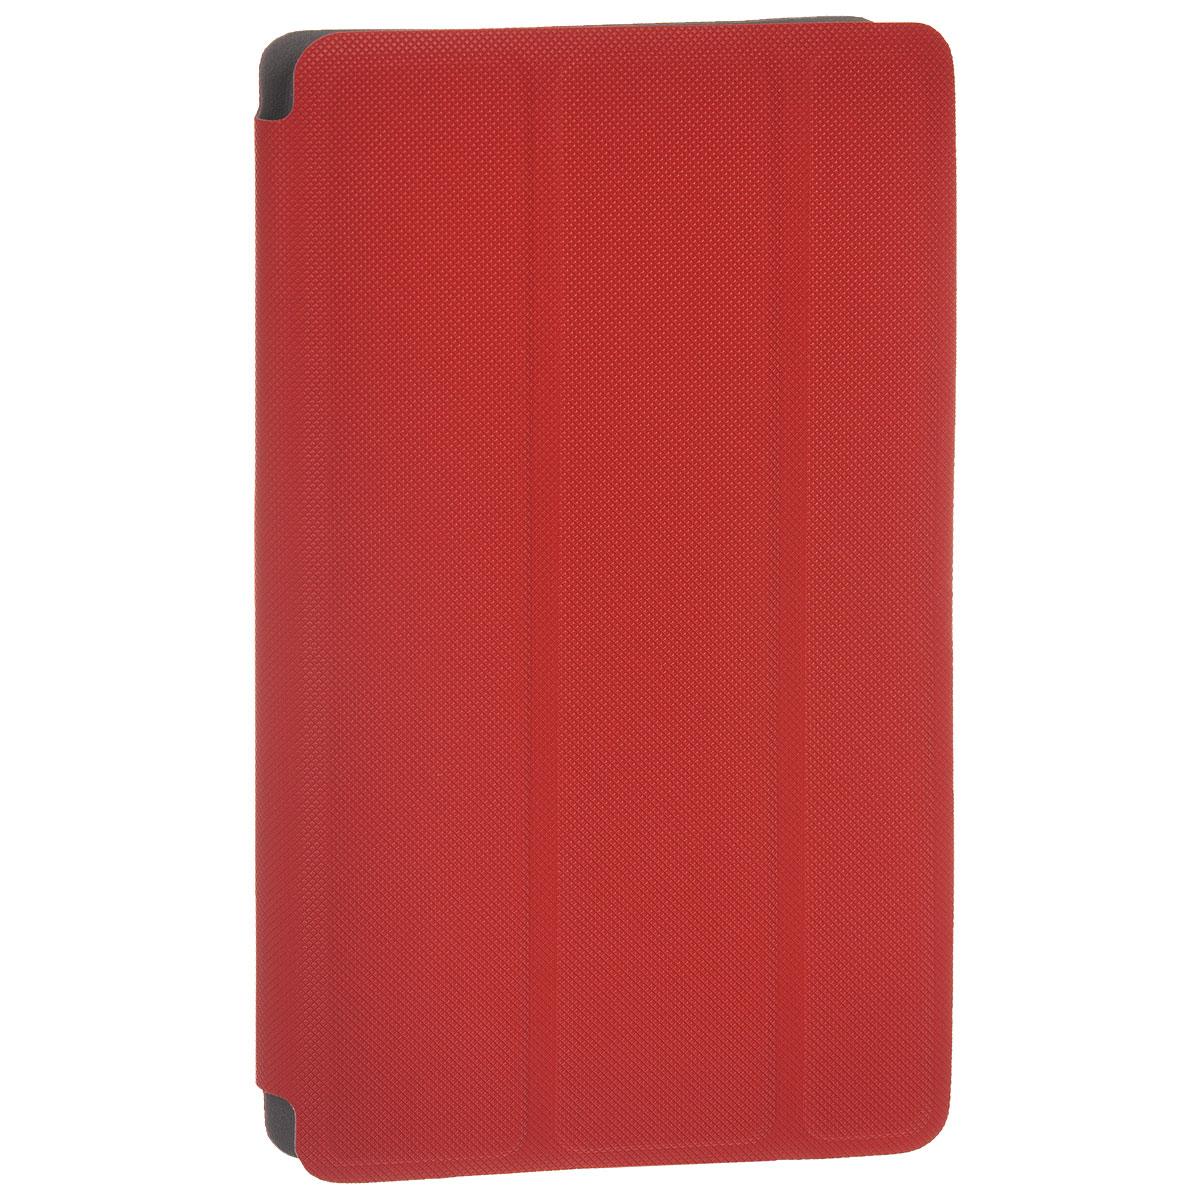 ТJ Stivenson универсальный чехол для планшета 8, RedS020803Универсальный чехол ТJ Stivenson для планшетов с диагональю экрана 8 - это стильный и лаконичный аксессуар, позволяющий сохранить устройство в идеальном состоянии. Надежно удерживая технику, обложка защищает корпус и дисплей от появления царапин, налипания пыли. Имеет свободный доступ ко всем разъемам устройства.